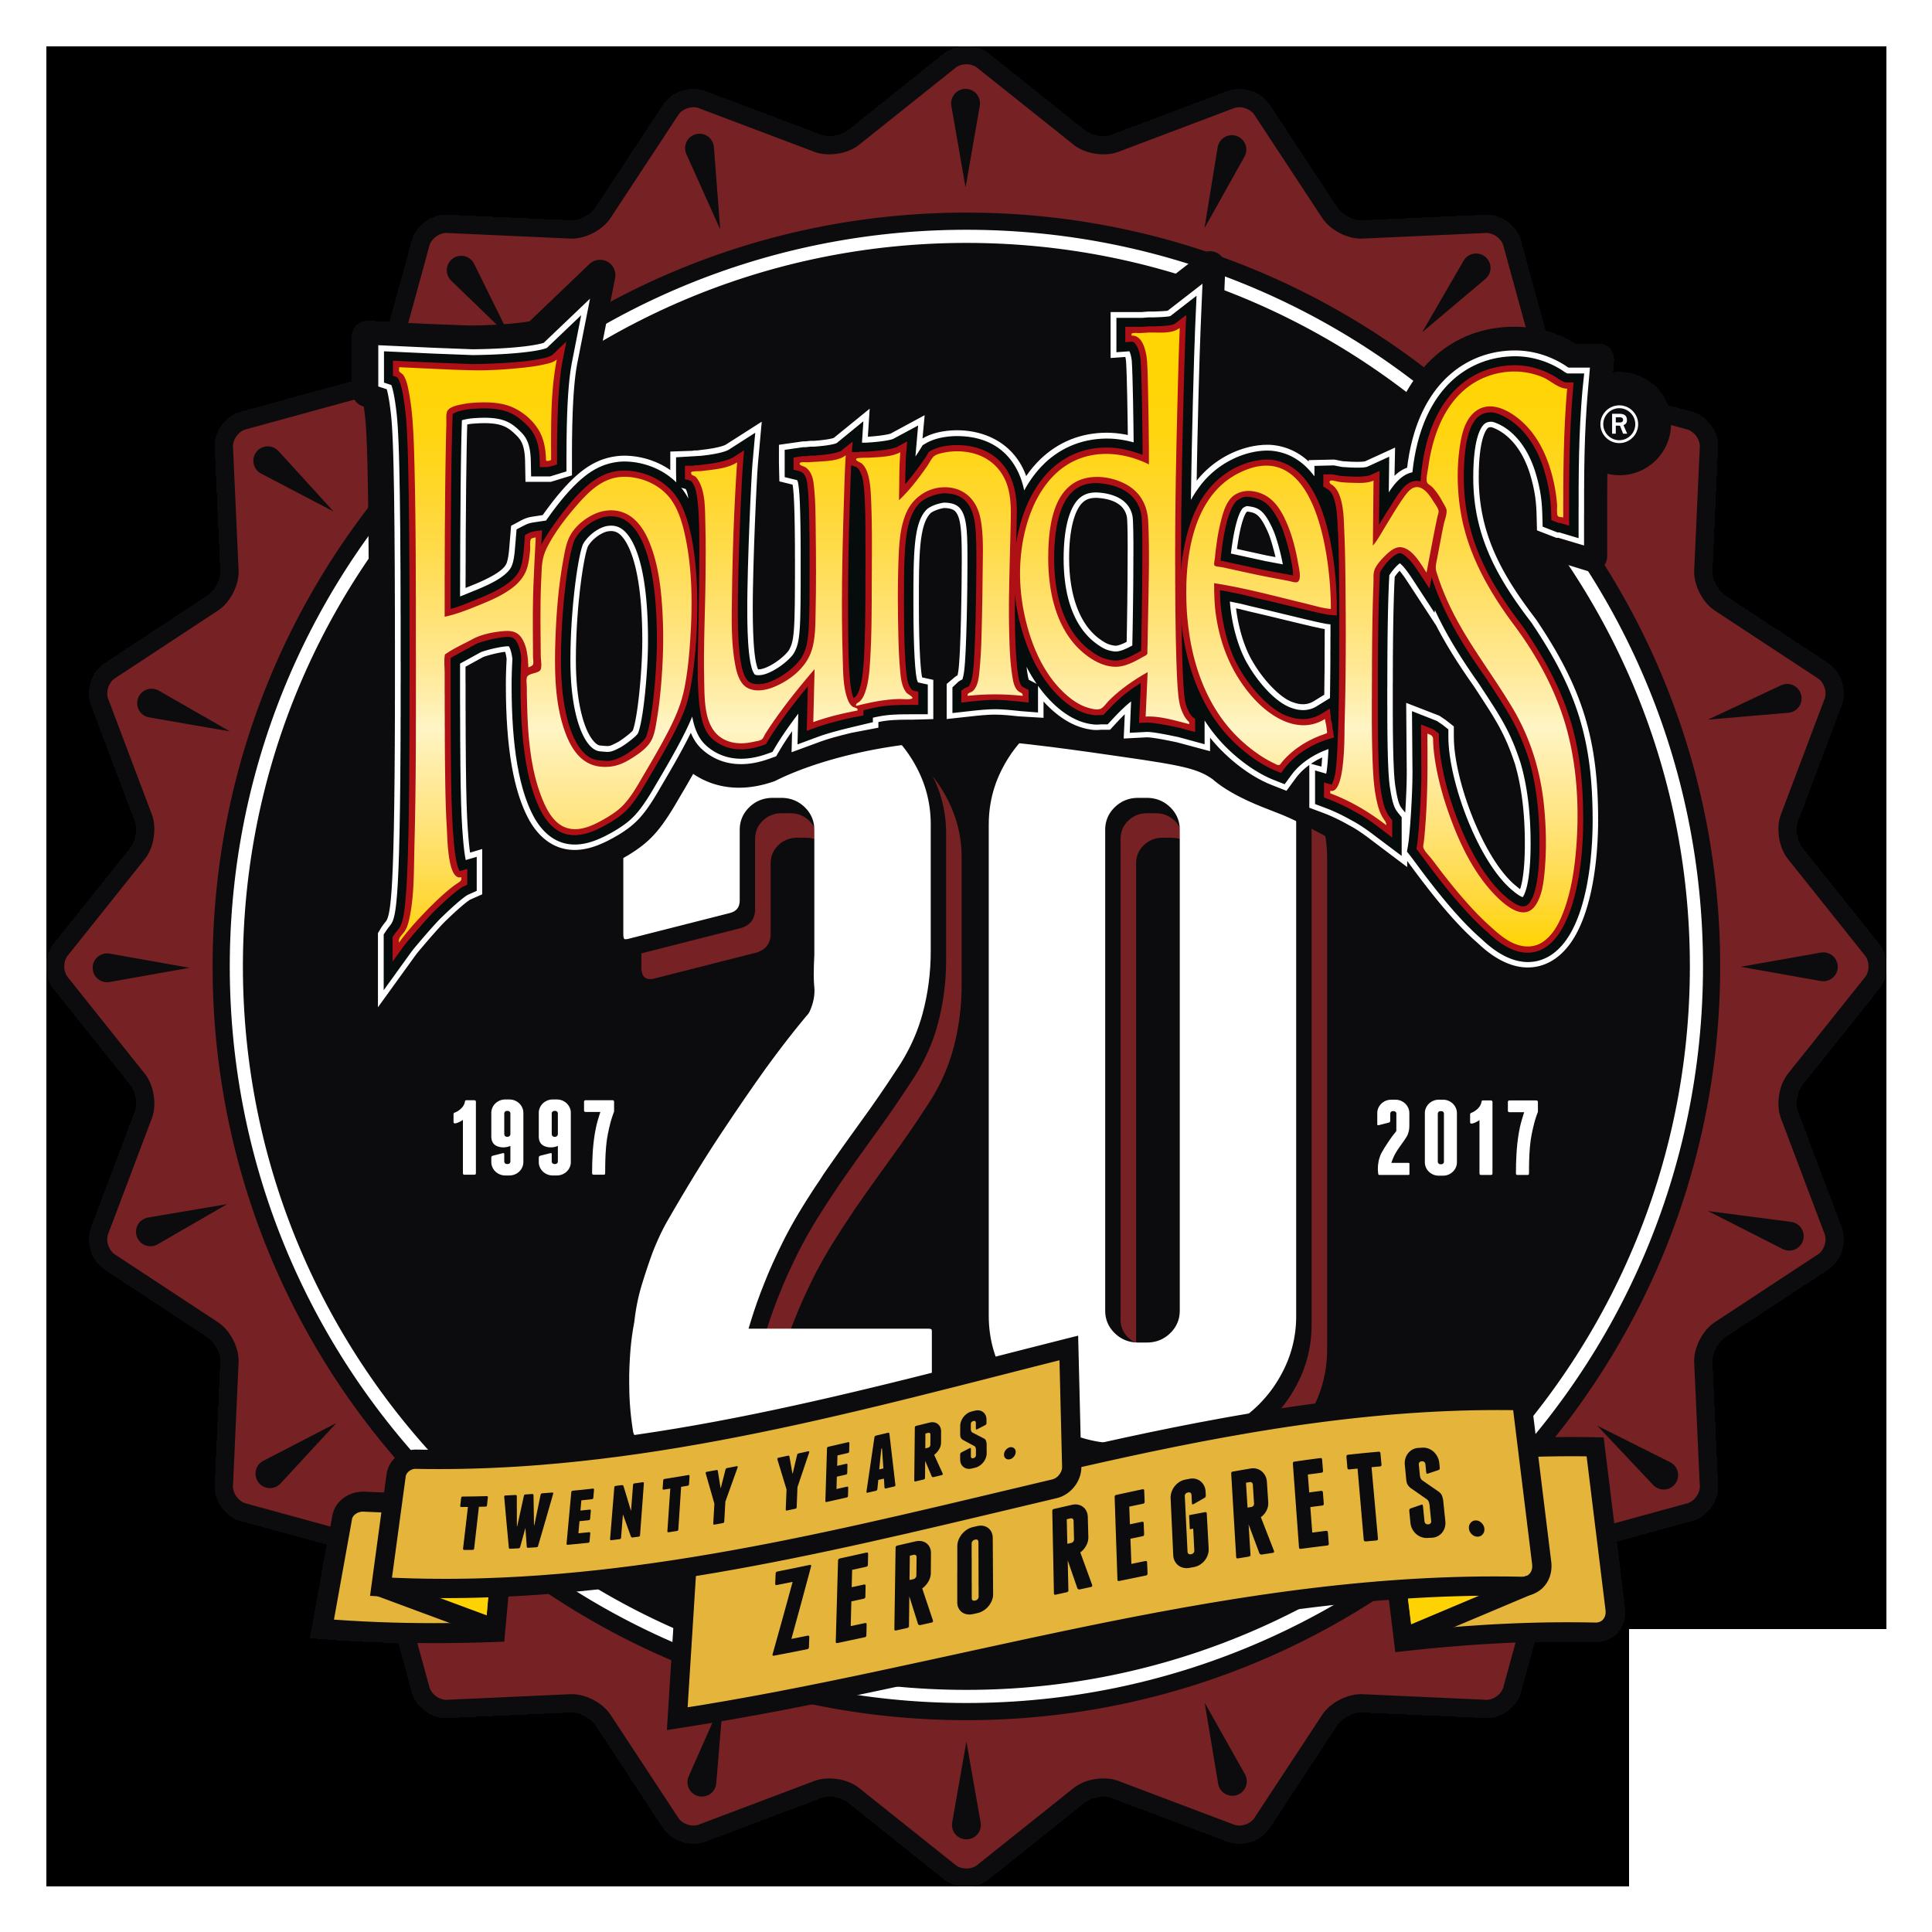 Founders 20 year anniversary logo